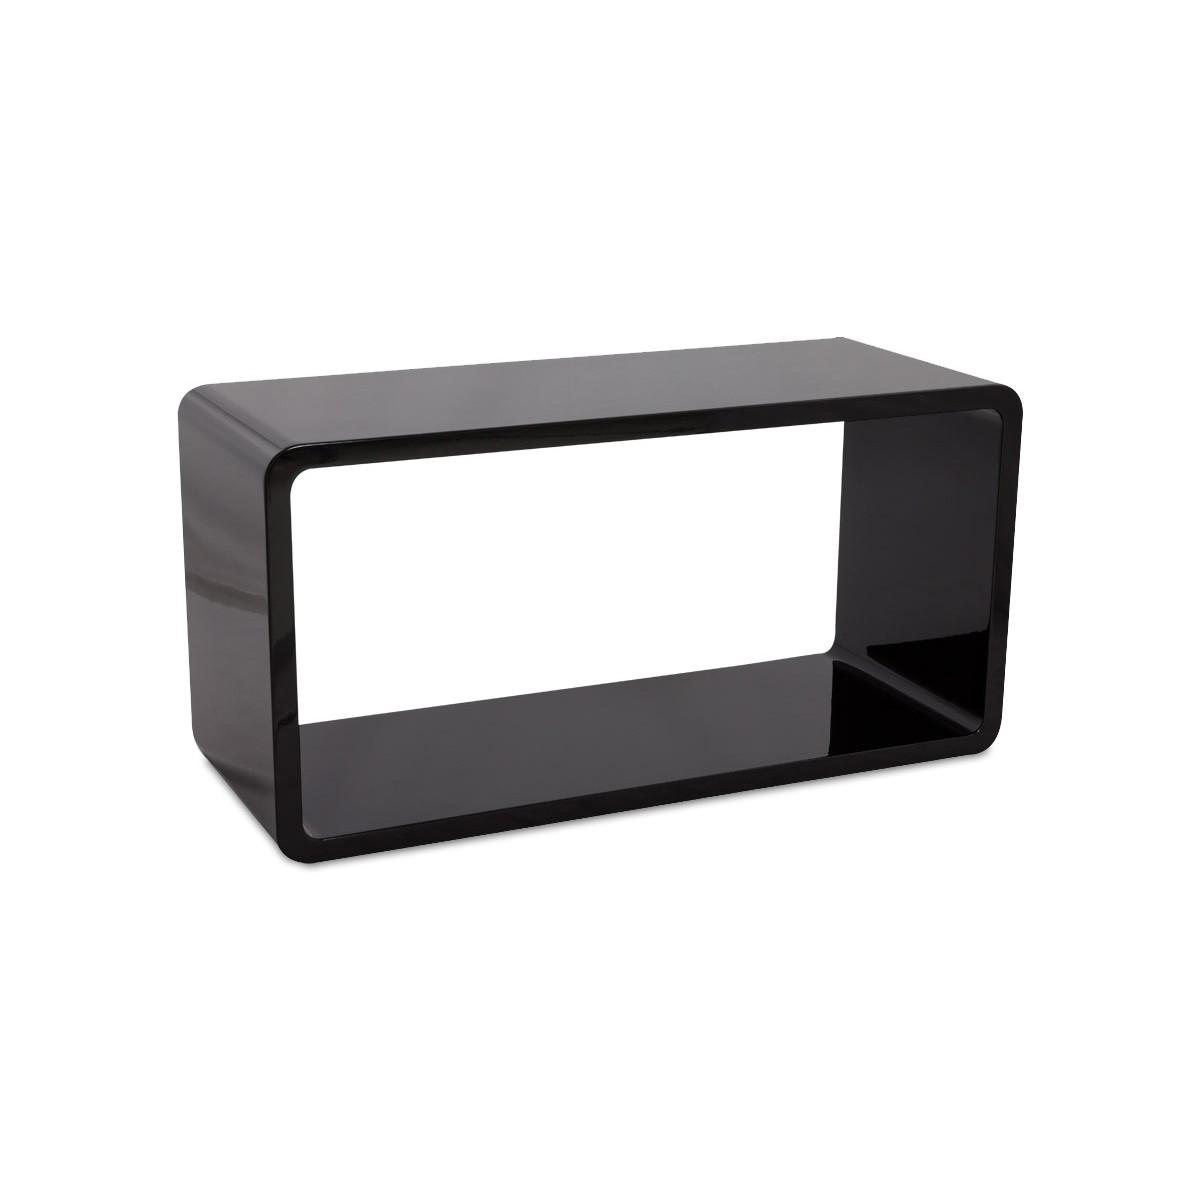 Table de salon recto en bois mdf laqu noir fran ais for Planche bois laque noir